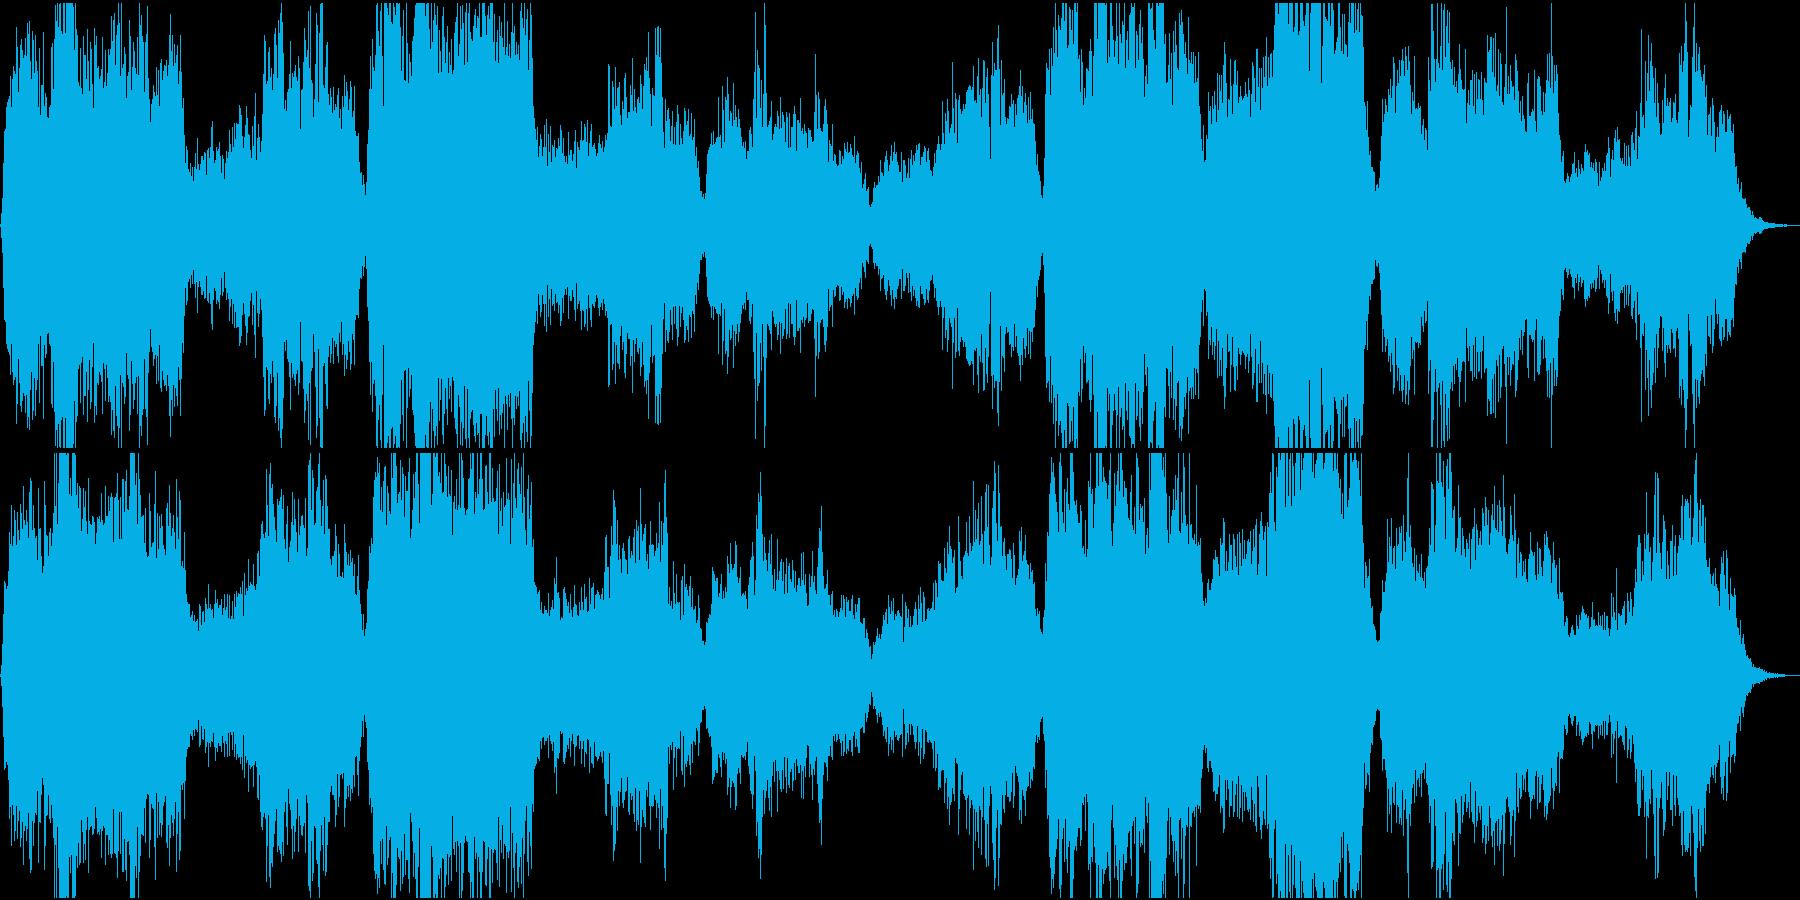 美しいクワイア(聖歌隊)の賛美歌の再生済みの波形